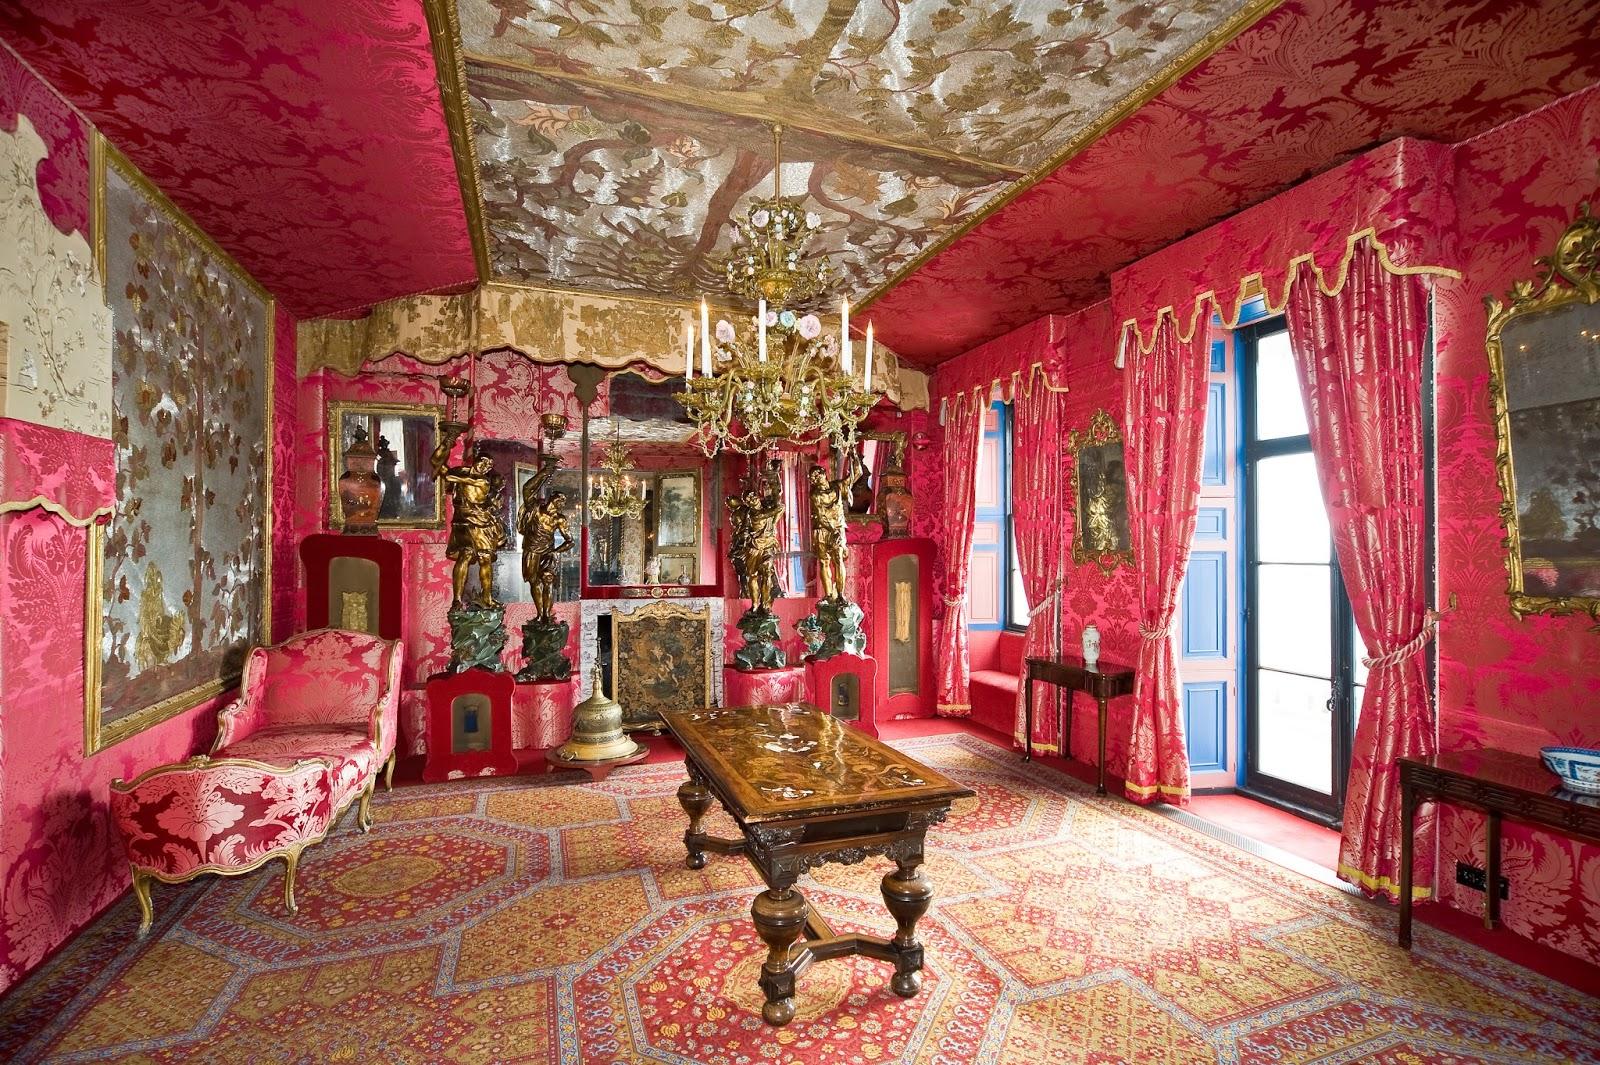 Esther paris hauteville house in guernsey for Salon miroir paris 14